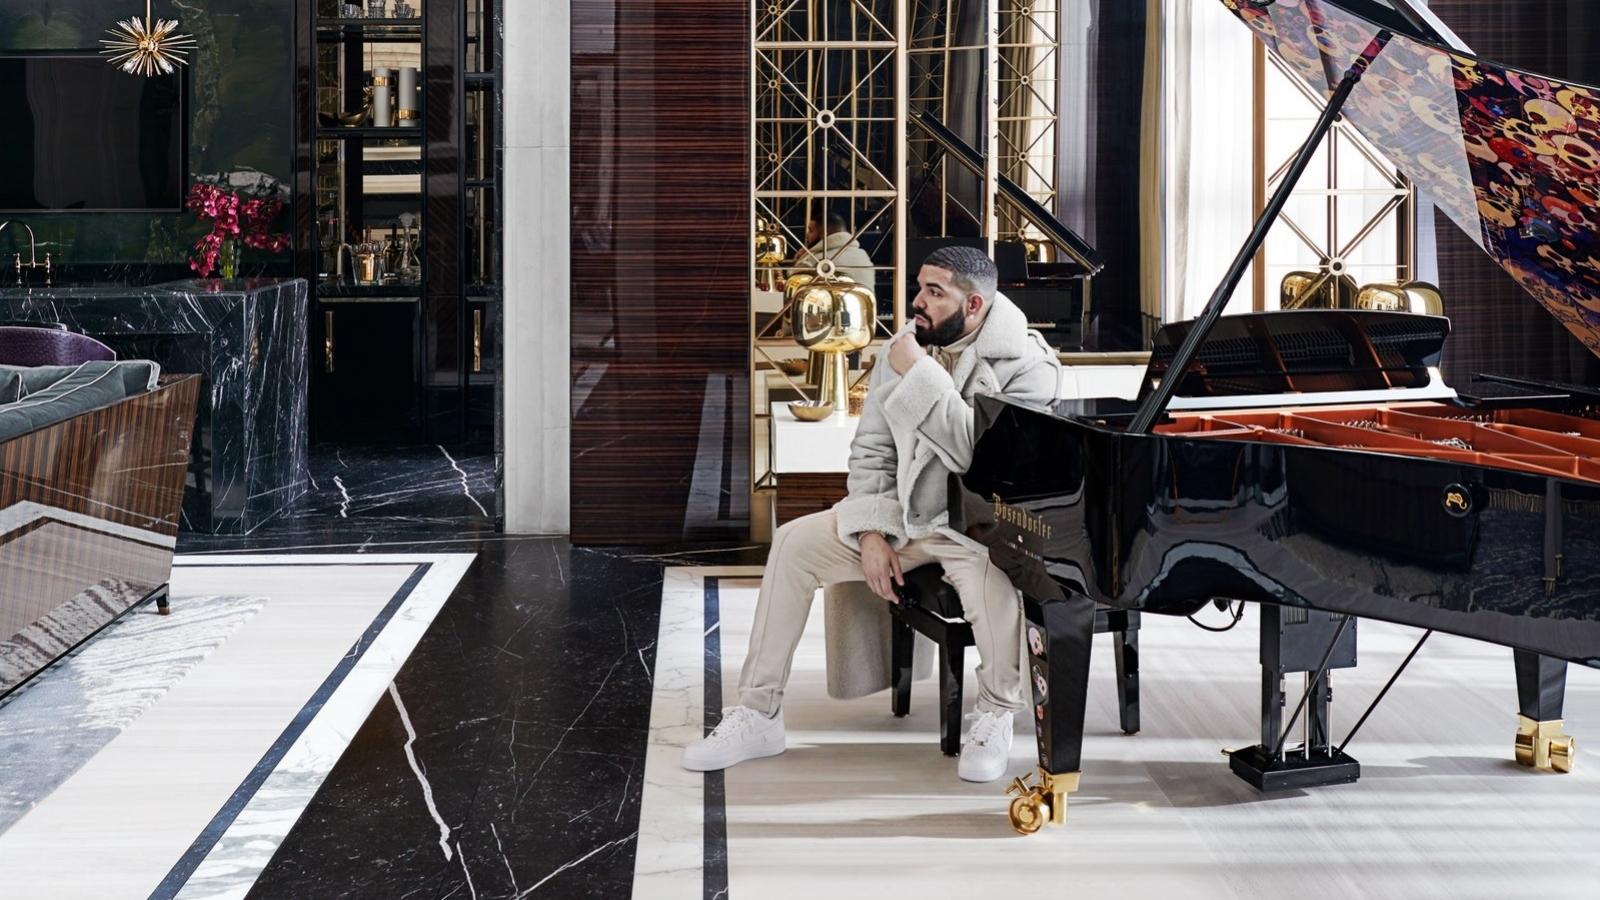 Choáng ngợp với căn biệt thự siêu hoành tráng của rapper Drake